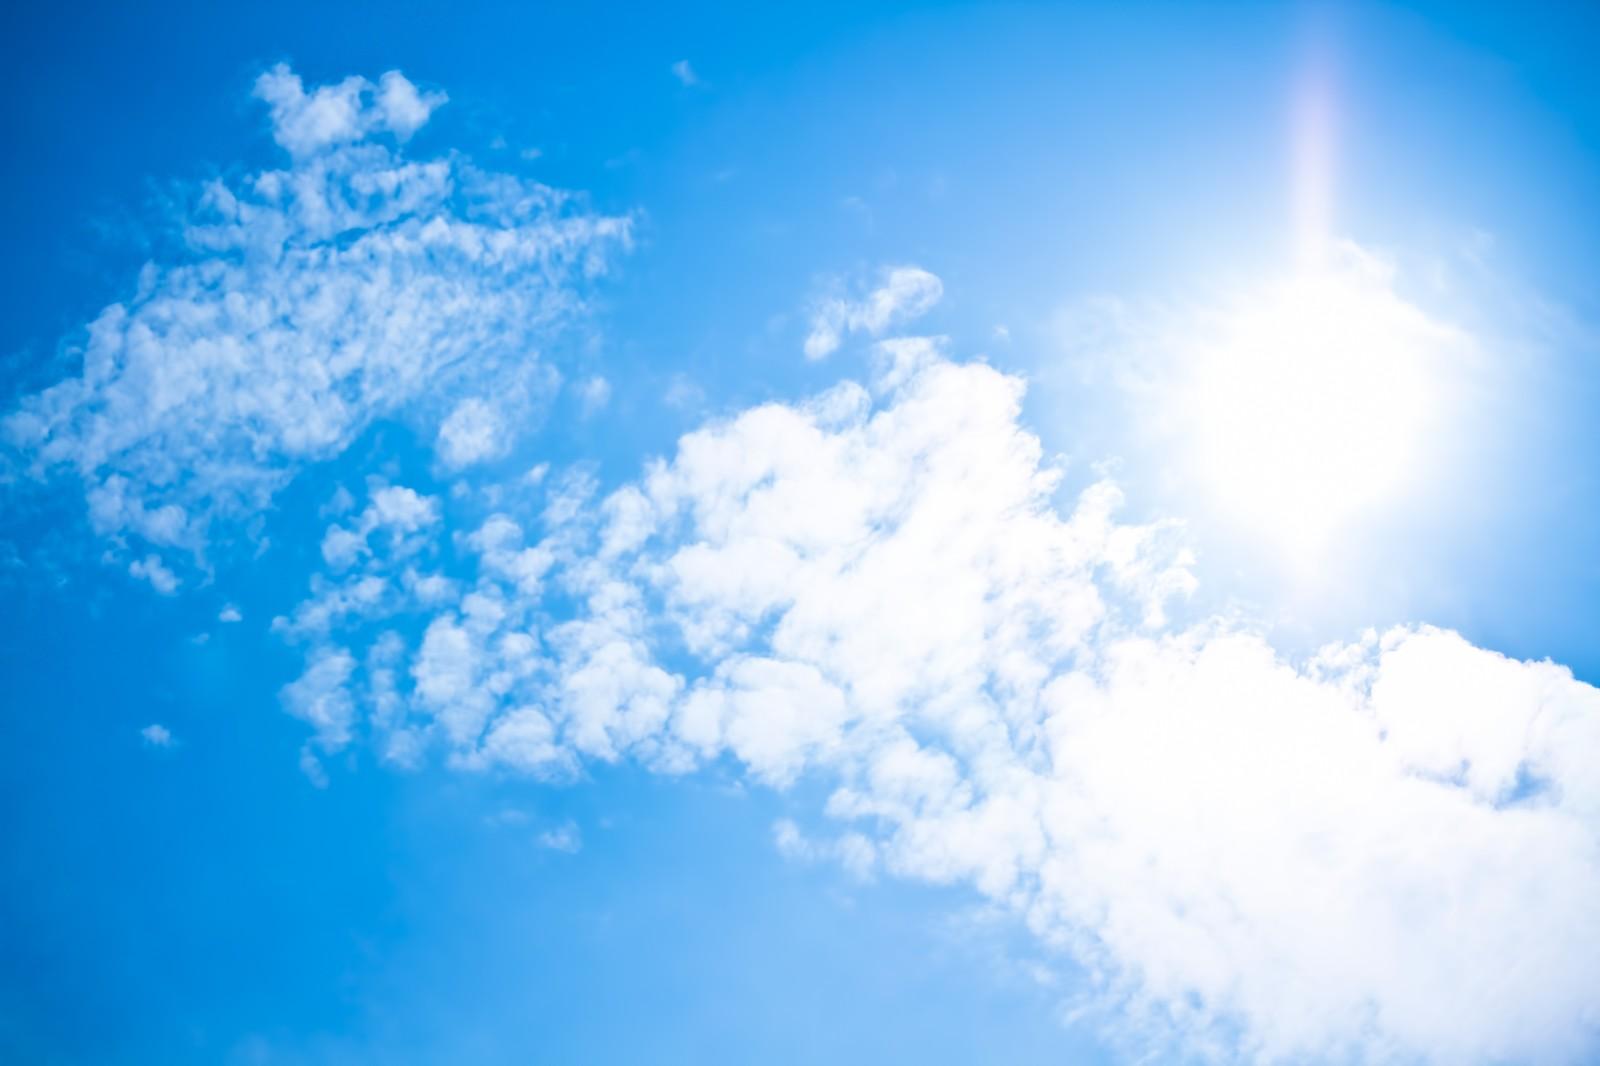 全館空調・Z空調、個別空調・個別空調のマルチ方式のメリット及びデメリット比較